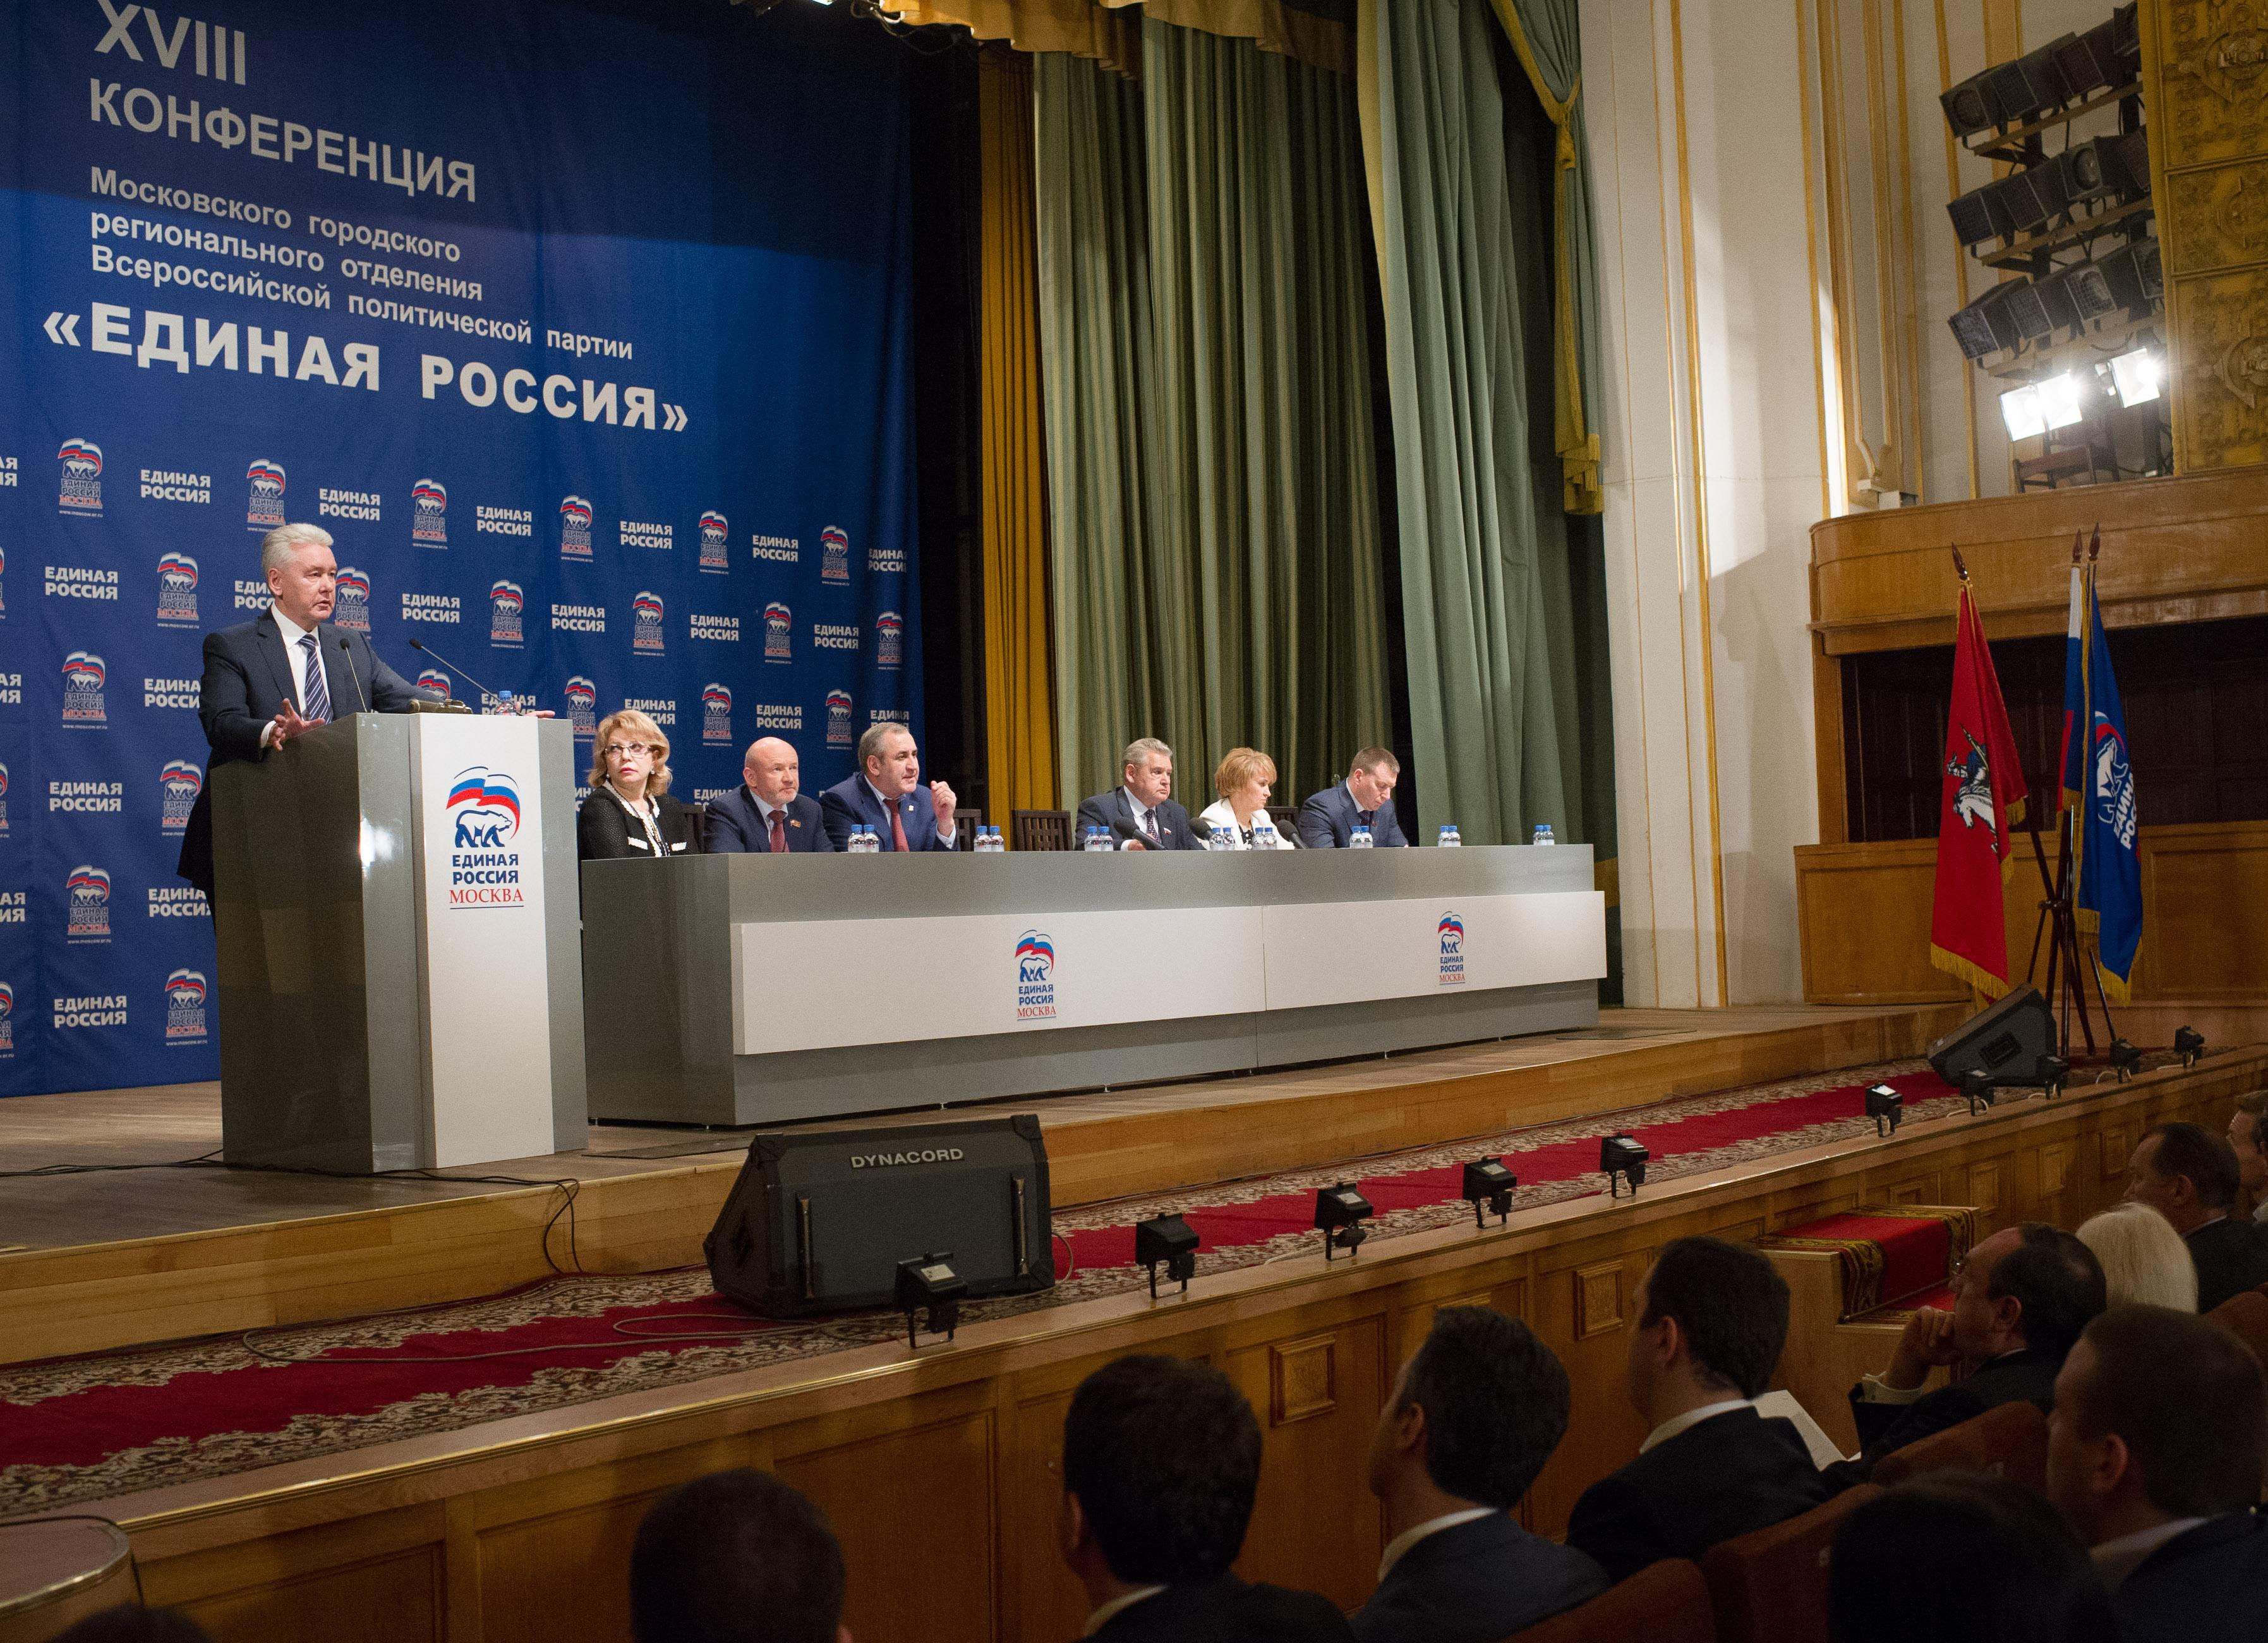 Сергей Собянин во время конференции МГРО «Единая Россия»